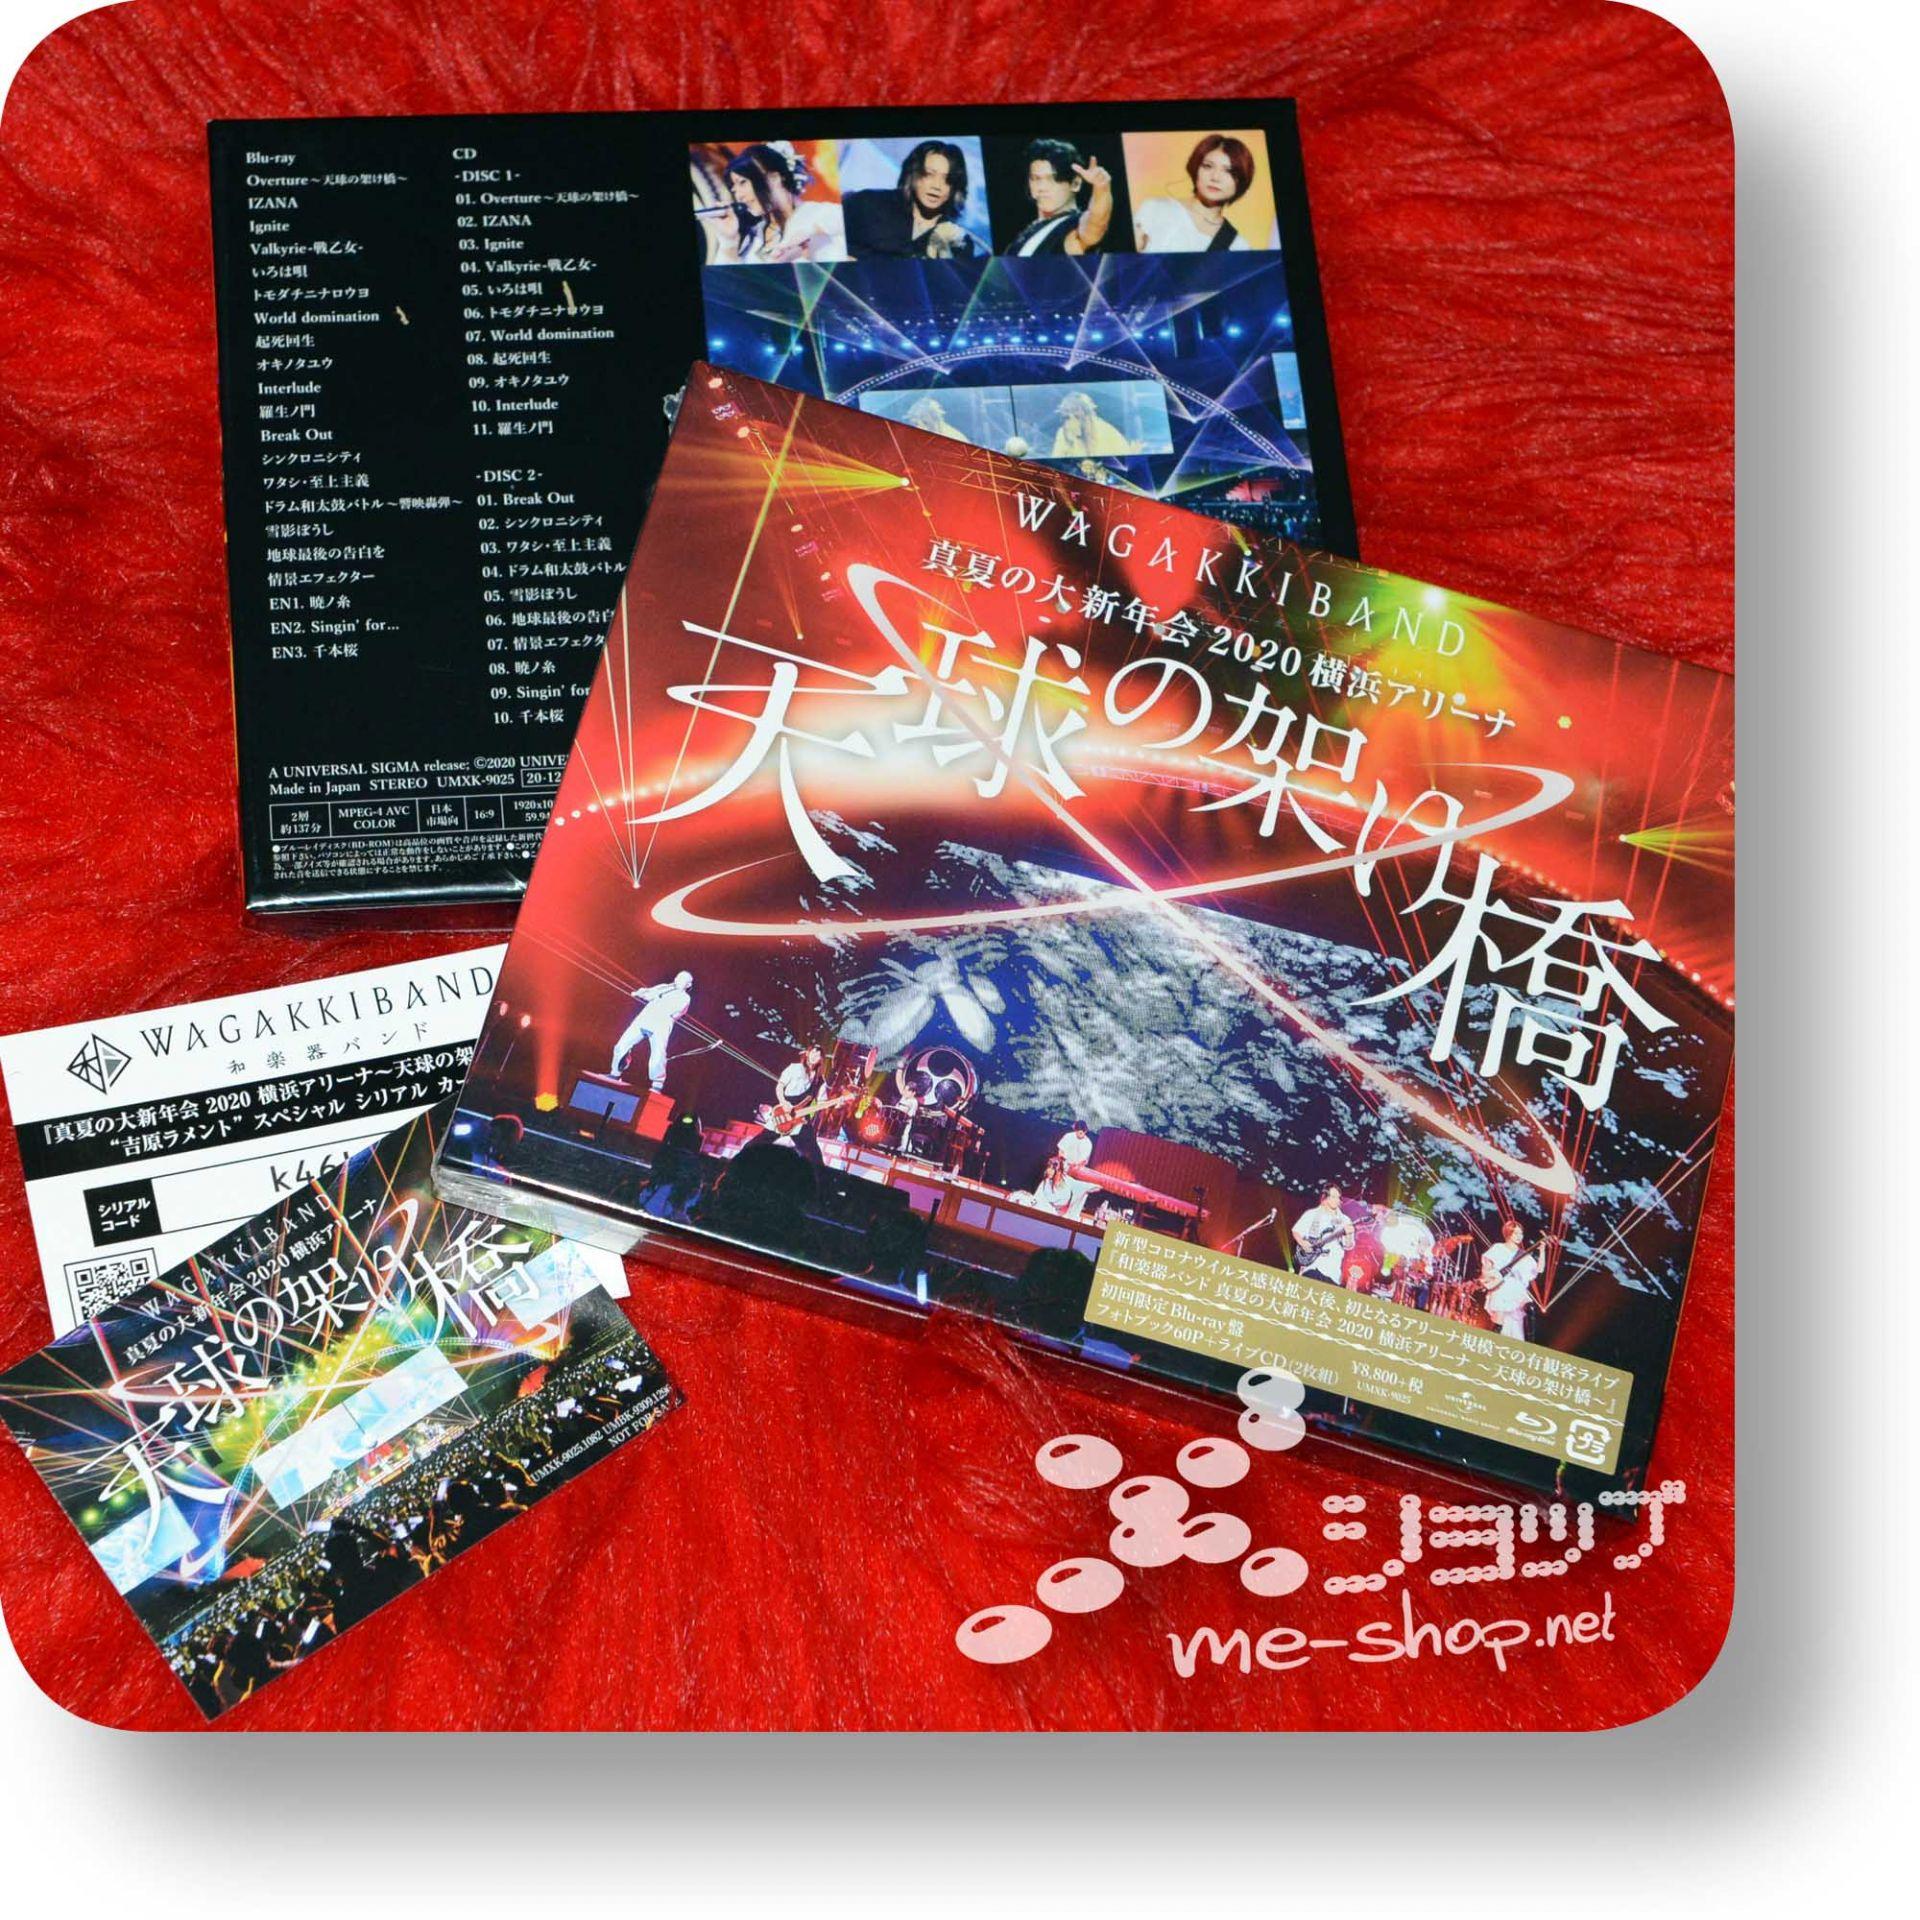 wagakki band manatsu no bd lim+bonus